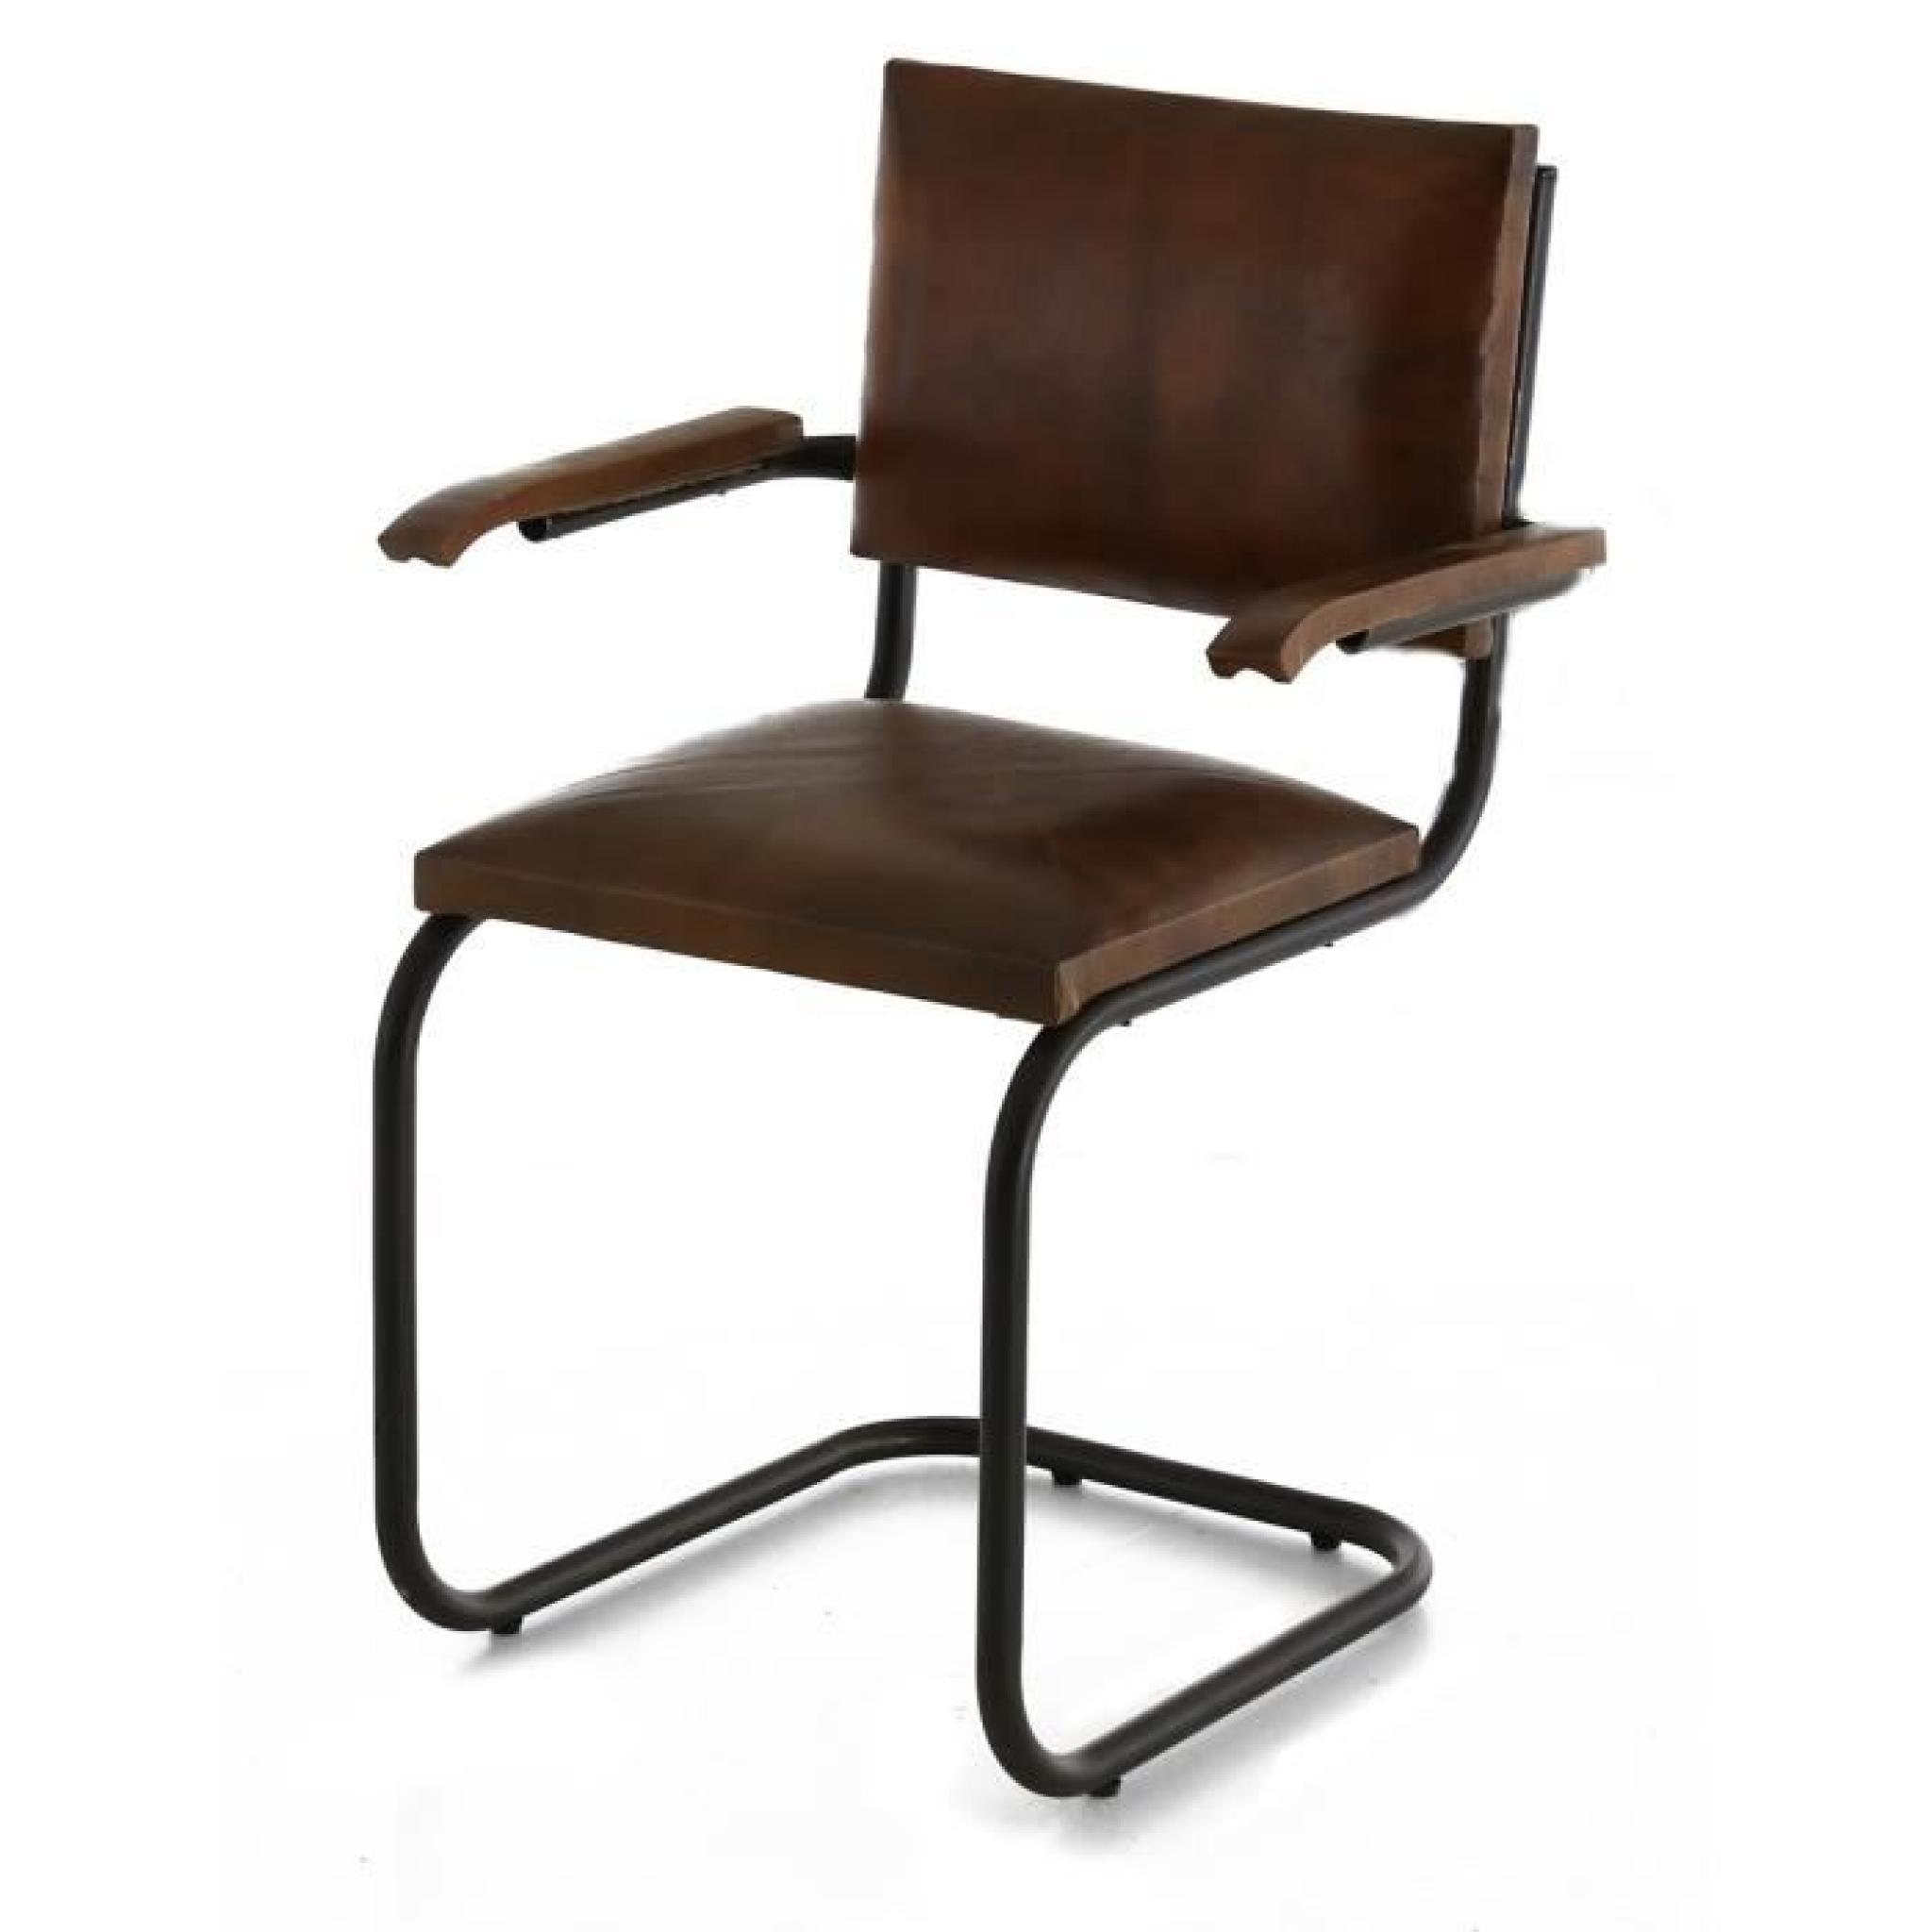 2x chaise cuir et m tal marron avec accoudoirs montecristo achat vente chaise salle a manger. Black Bedroom Furniture Sets. Home Design Ideas